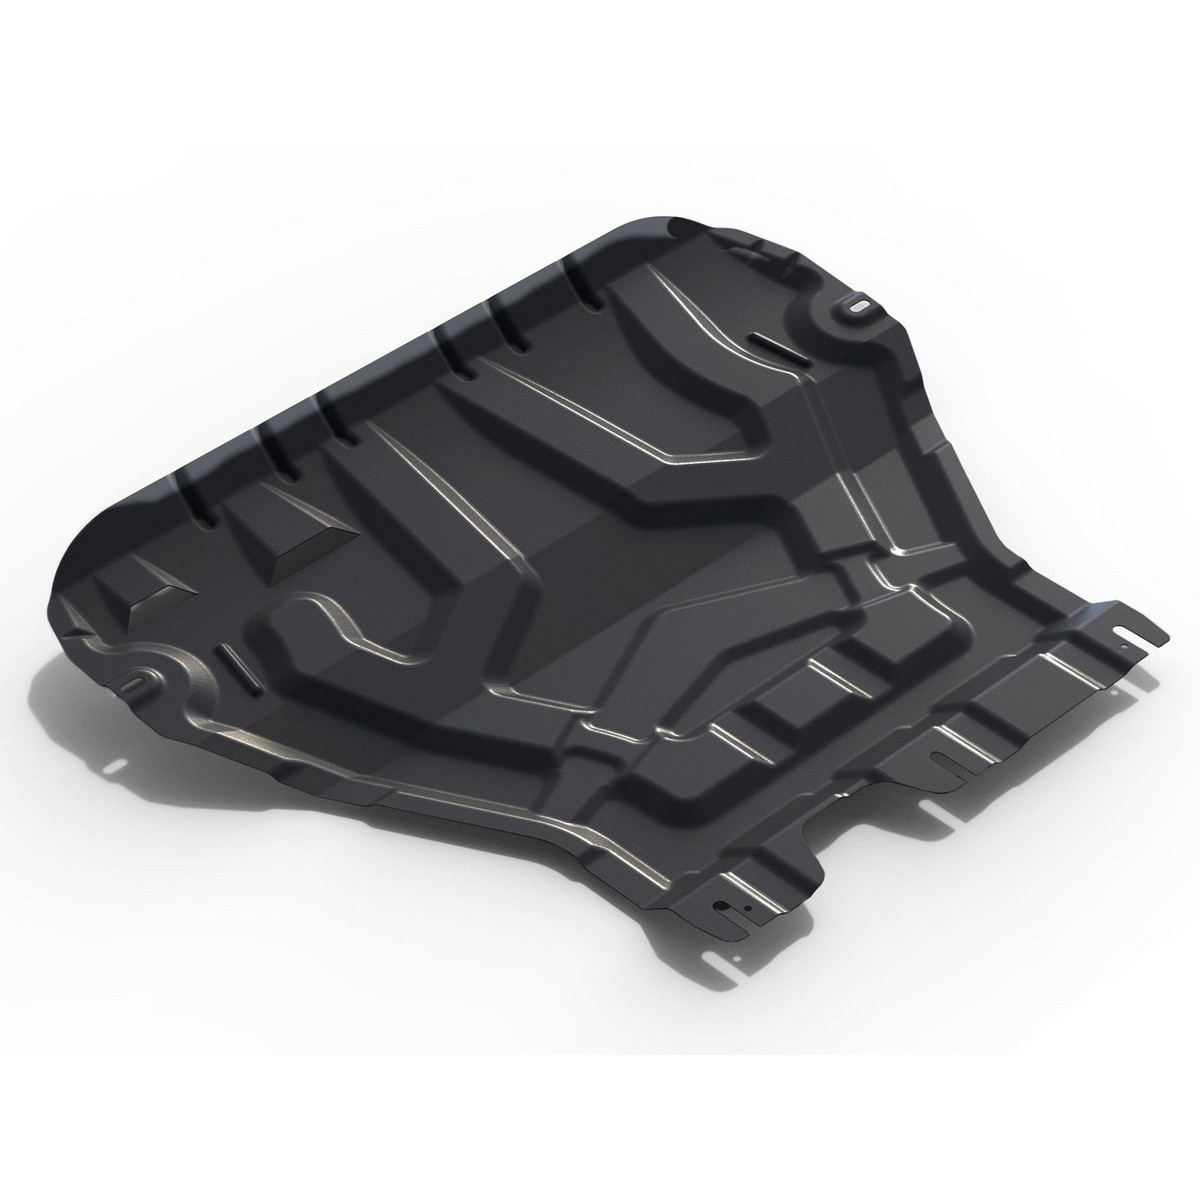 Купить Защита АвтоБРОНЯ для картера и КПП Skoda Octavia (кроме Webasto) 2013-2017 / Octavia МКПП 2017-, сталь 2 мм, крепеж в комплекте. 111.05111.1, Автоброня